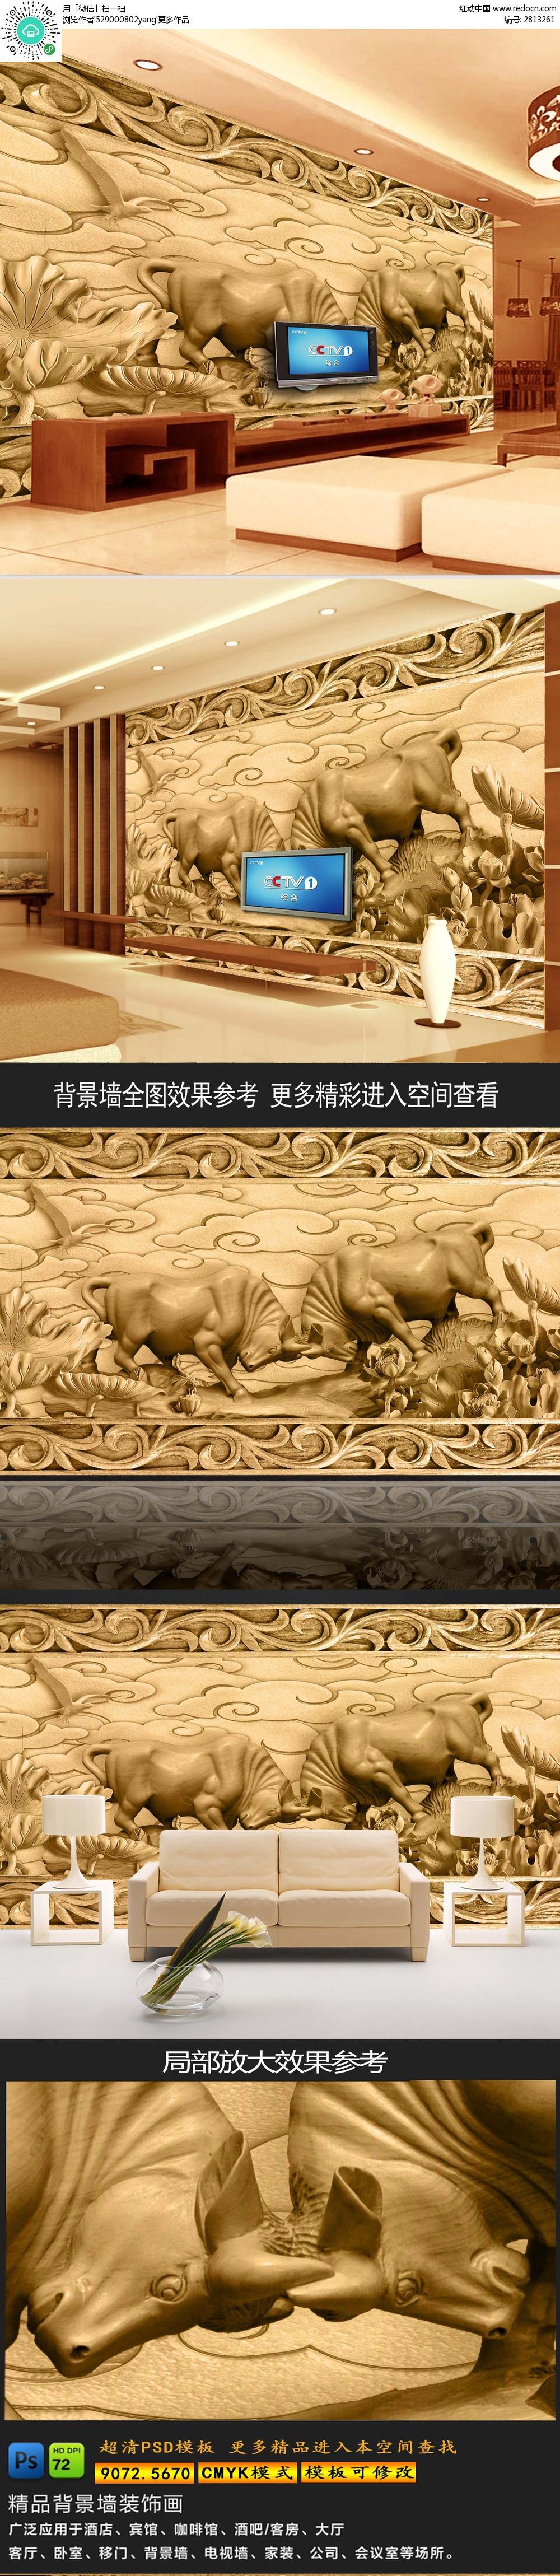 木雕牛荷花祥云客厅背景墙